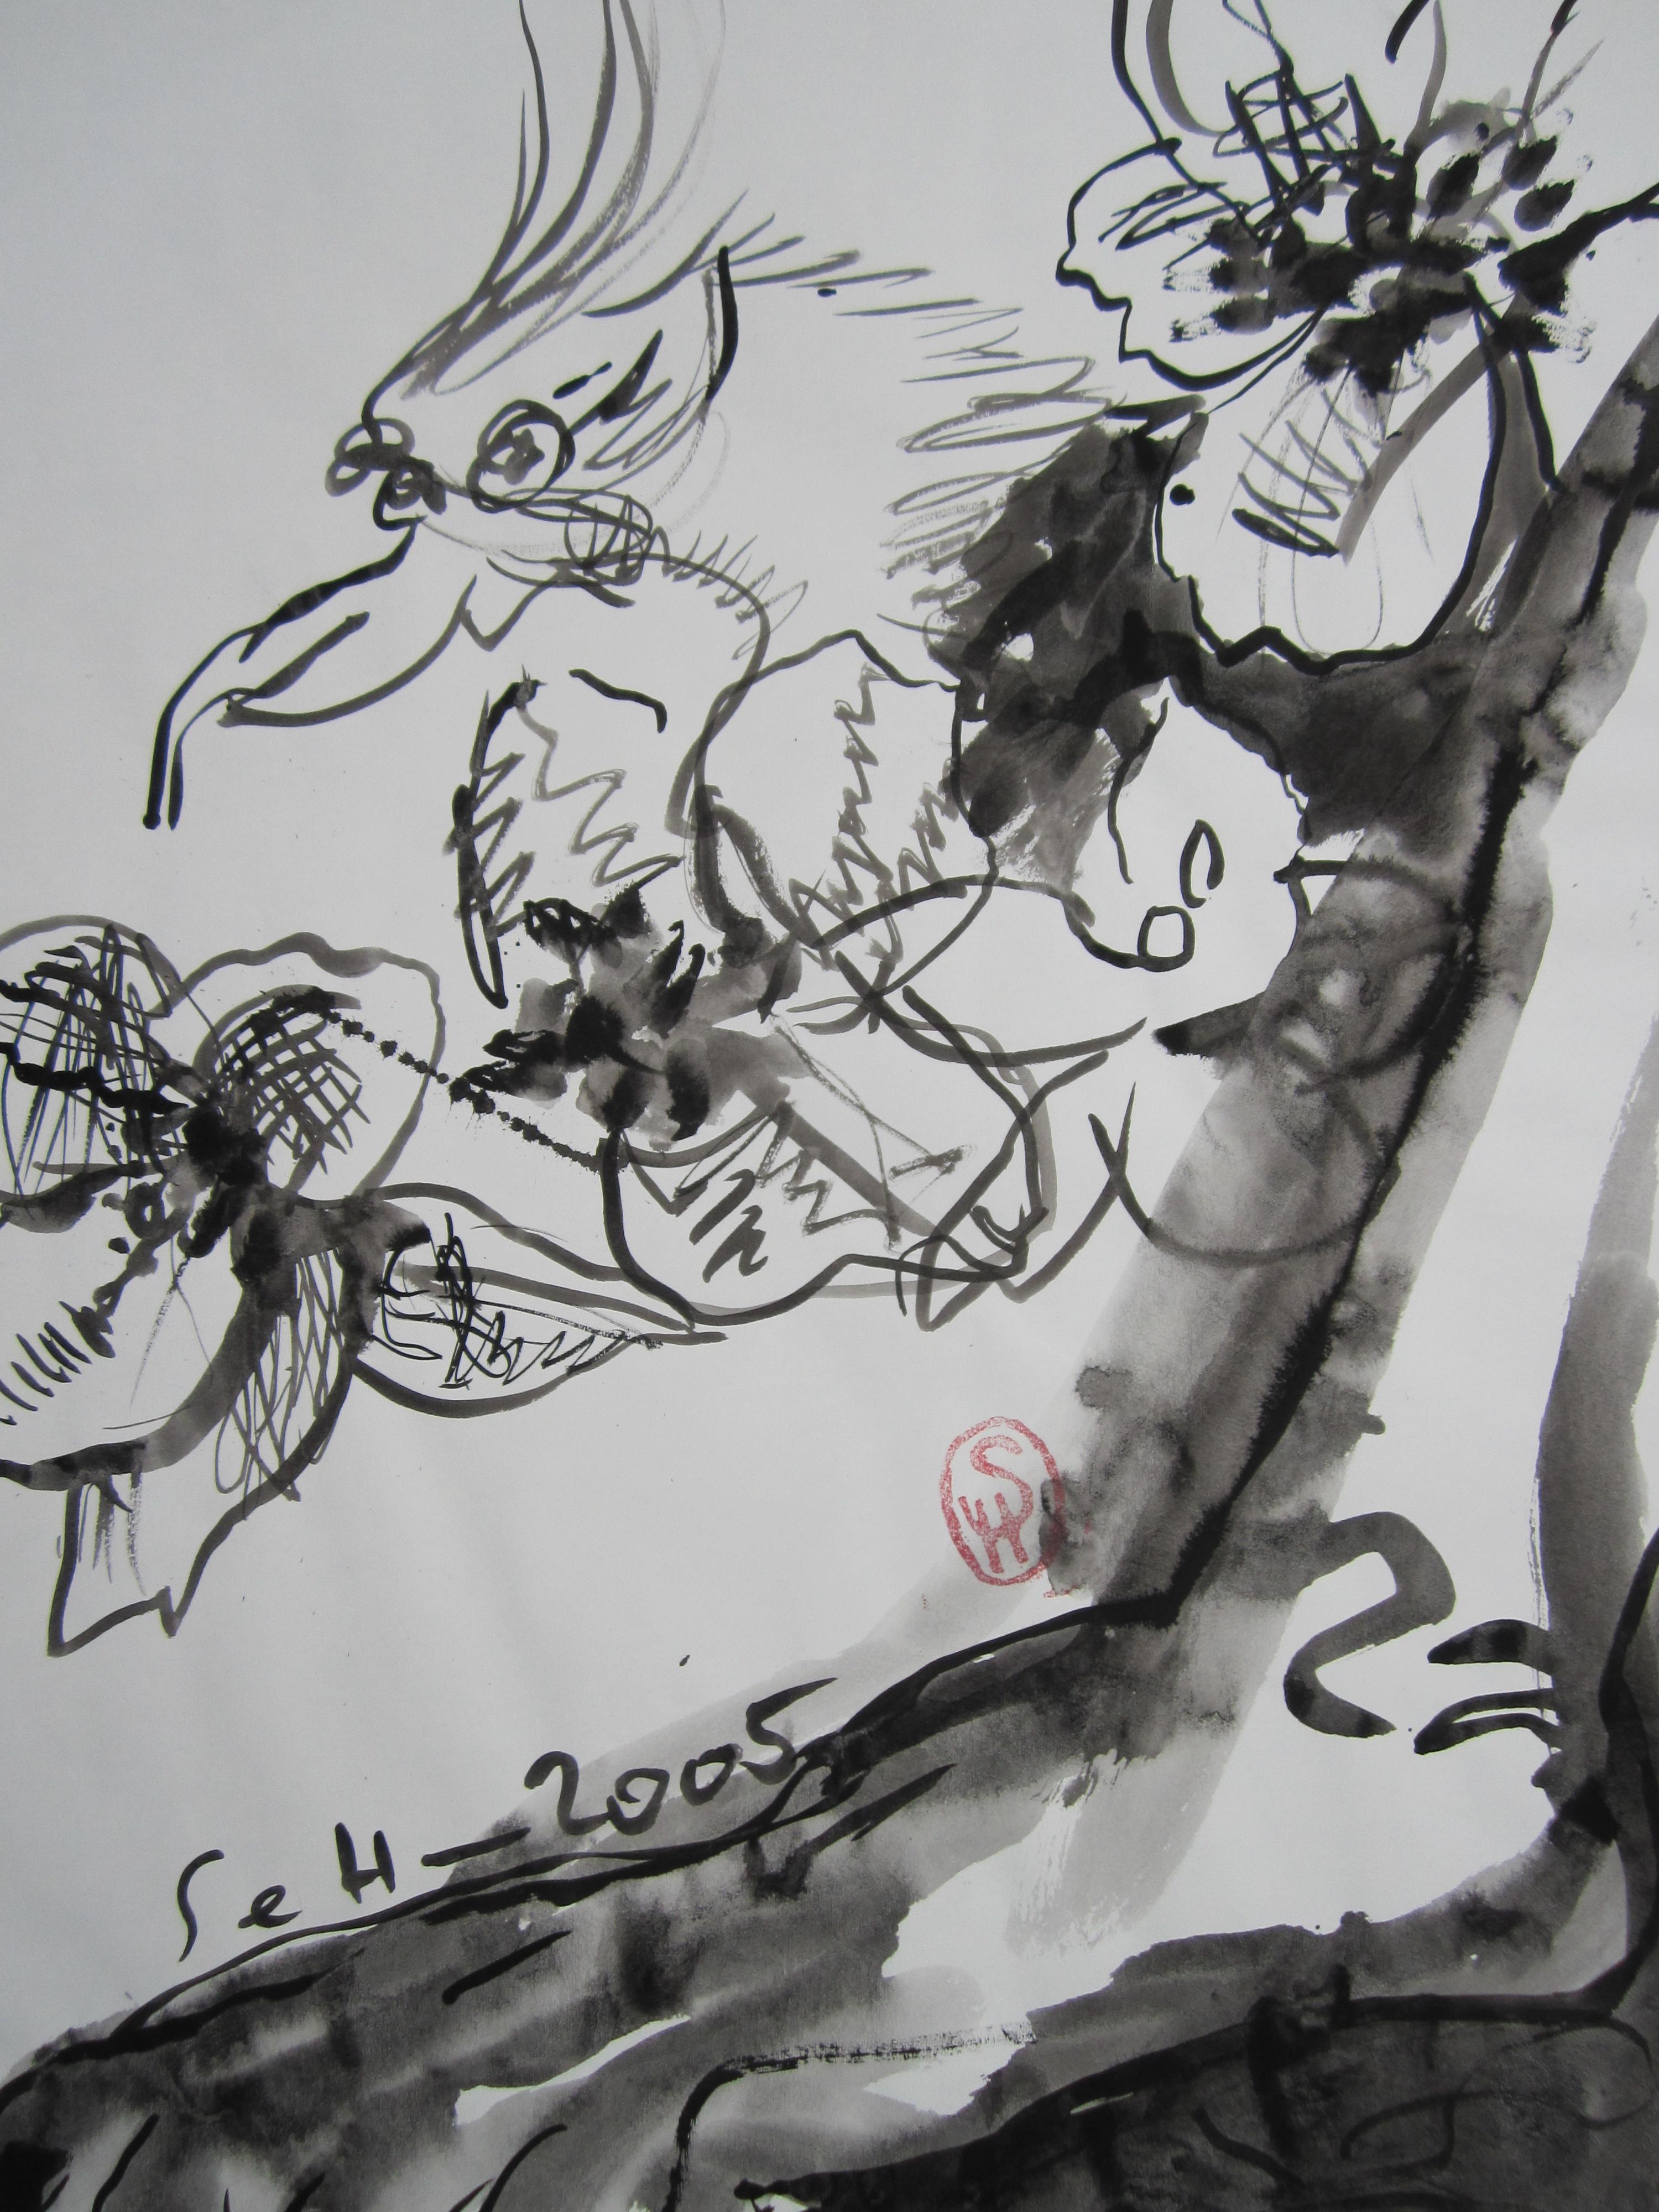 Der neue Falter aber, der frohe bunte Vogelschmetterling - Zeichnung von Susanne Haun - Tusche auf Wildseidenpapier - 70 x 50 cm - 2005